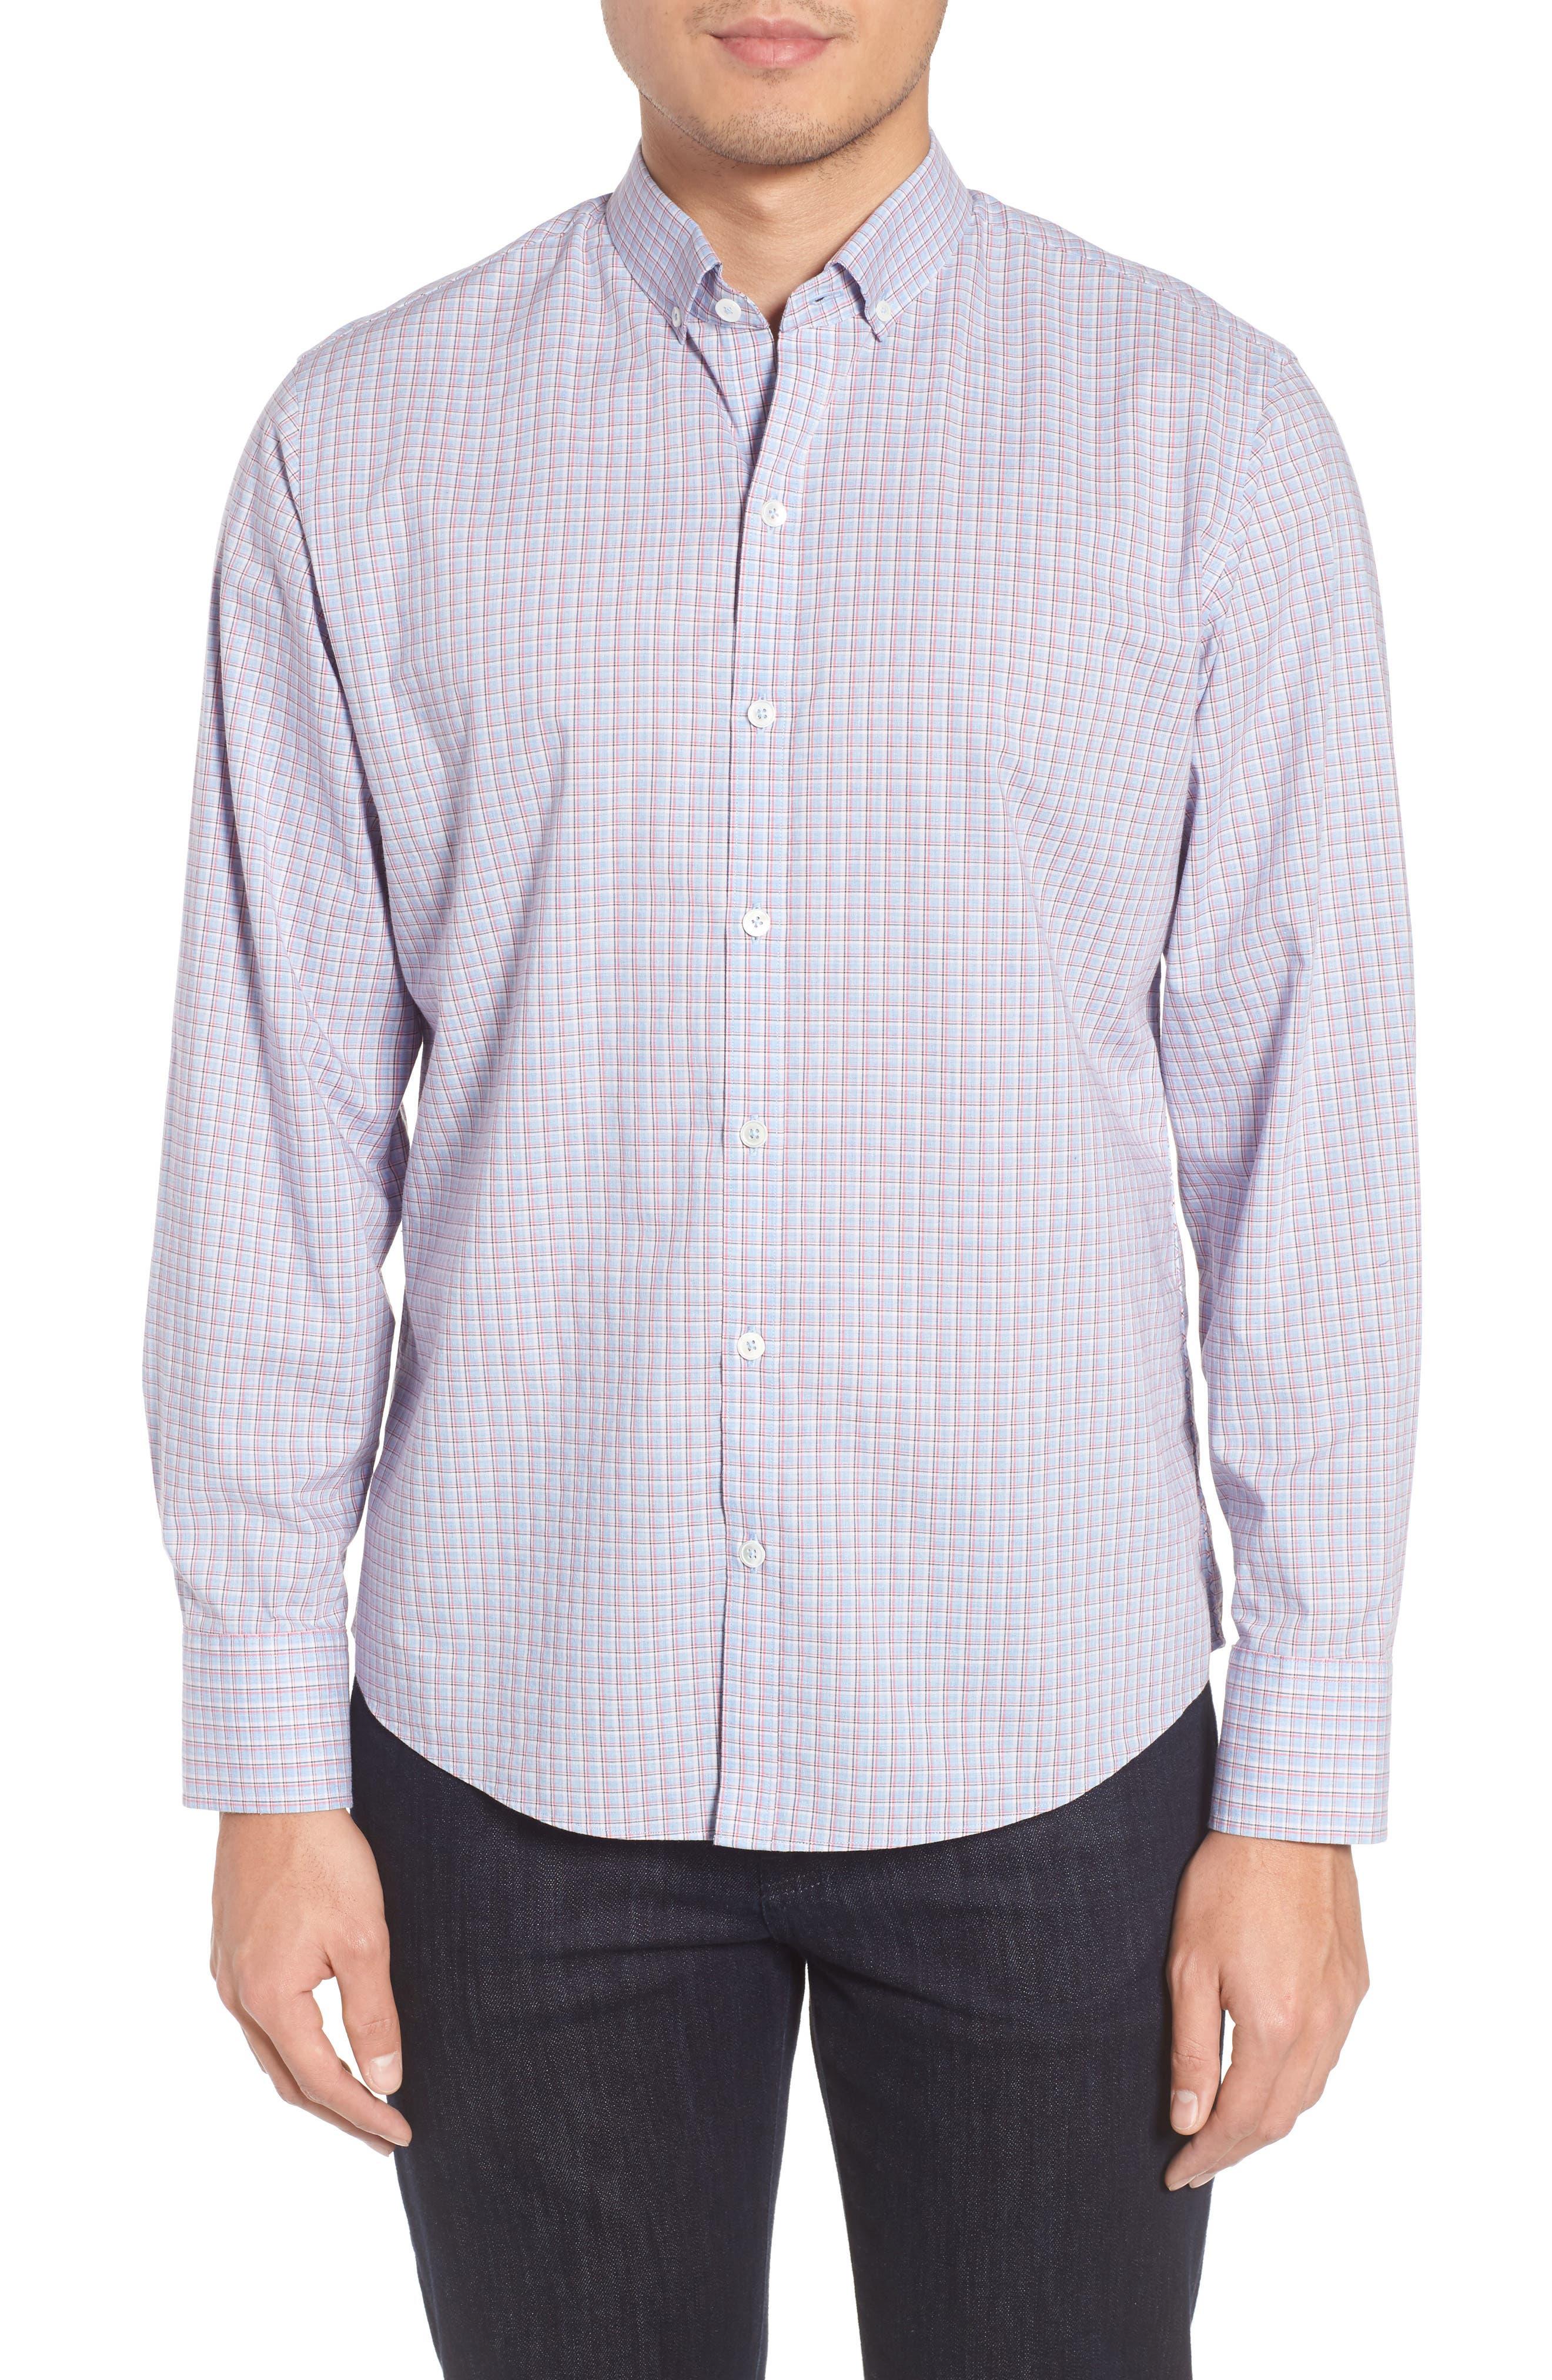 Drozdov Plaid Sport Shirt,                         Main,                         color, 650